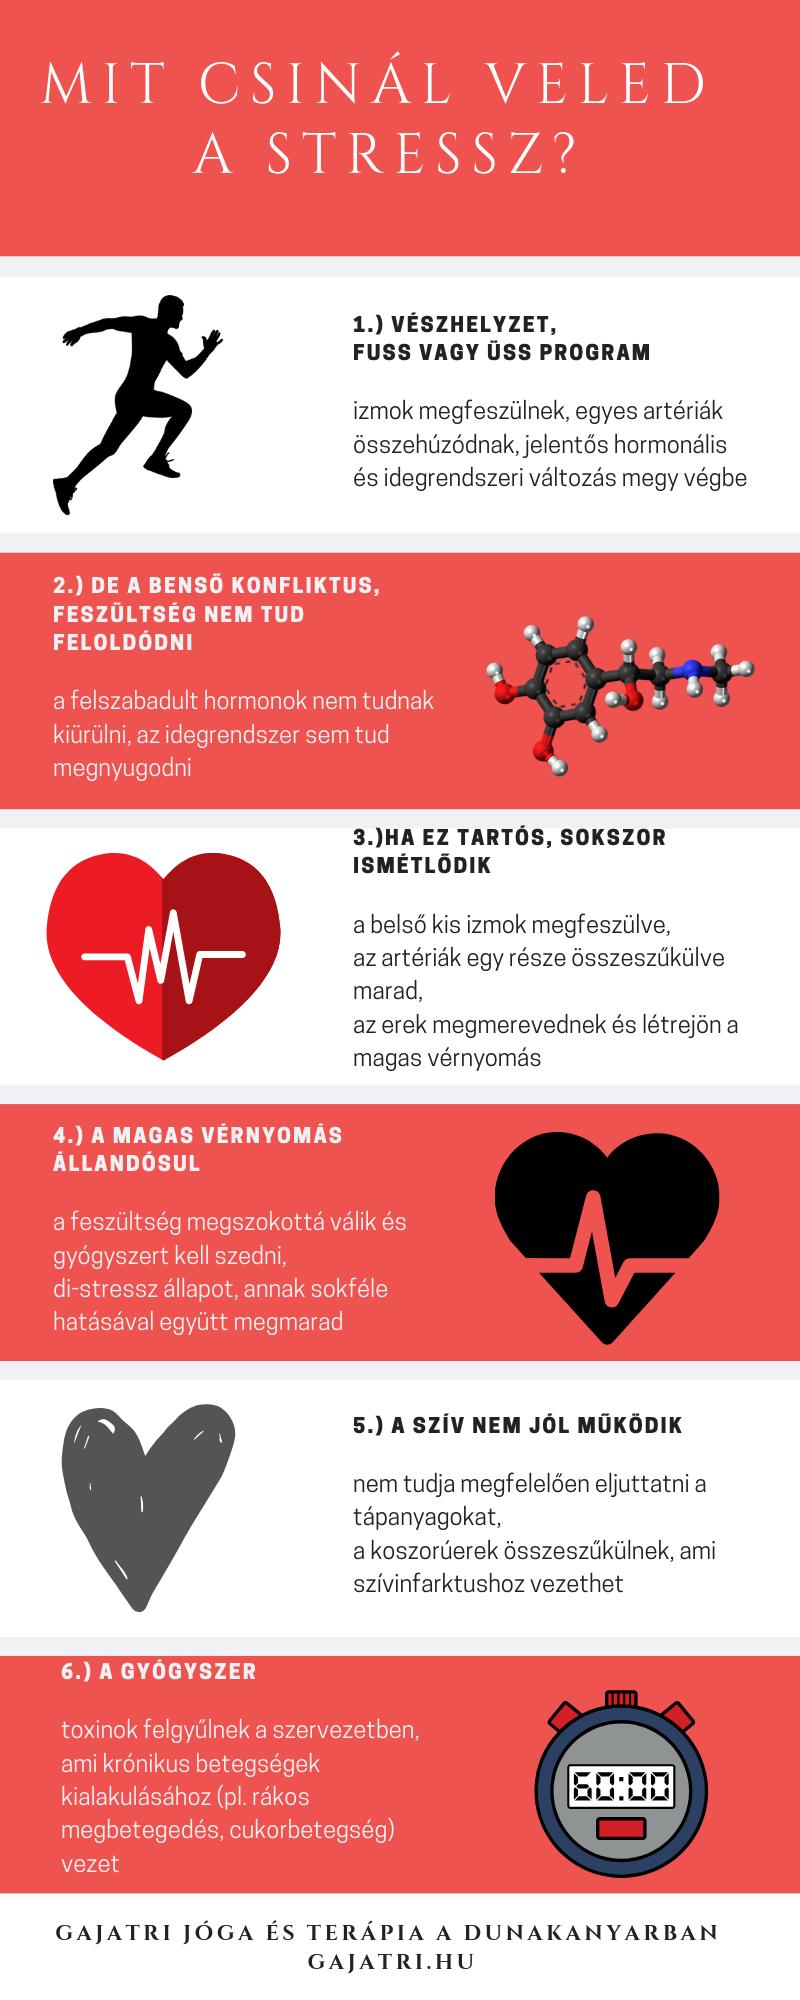 Mit ihat magas vérnyomás esetén. Magas a vérnyomásod? Kiderült, mennyi kávét ihatsz! - Ripost